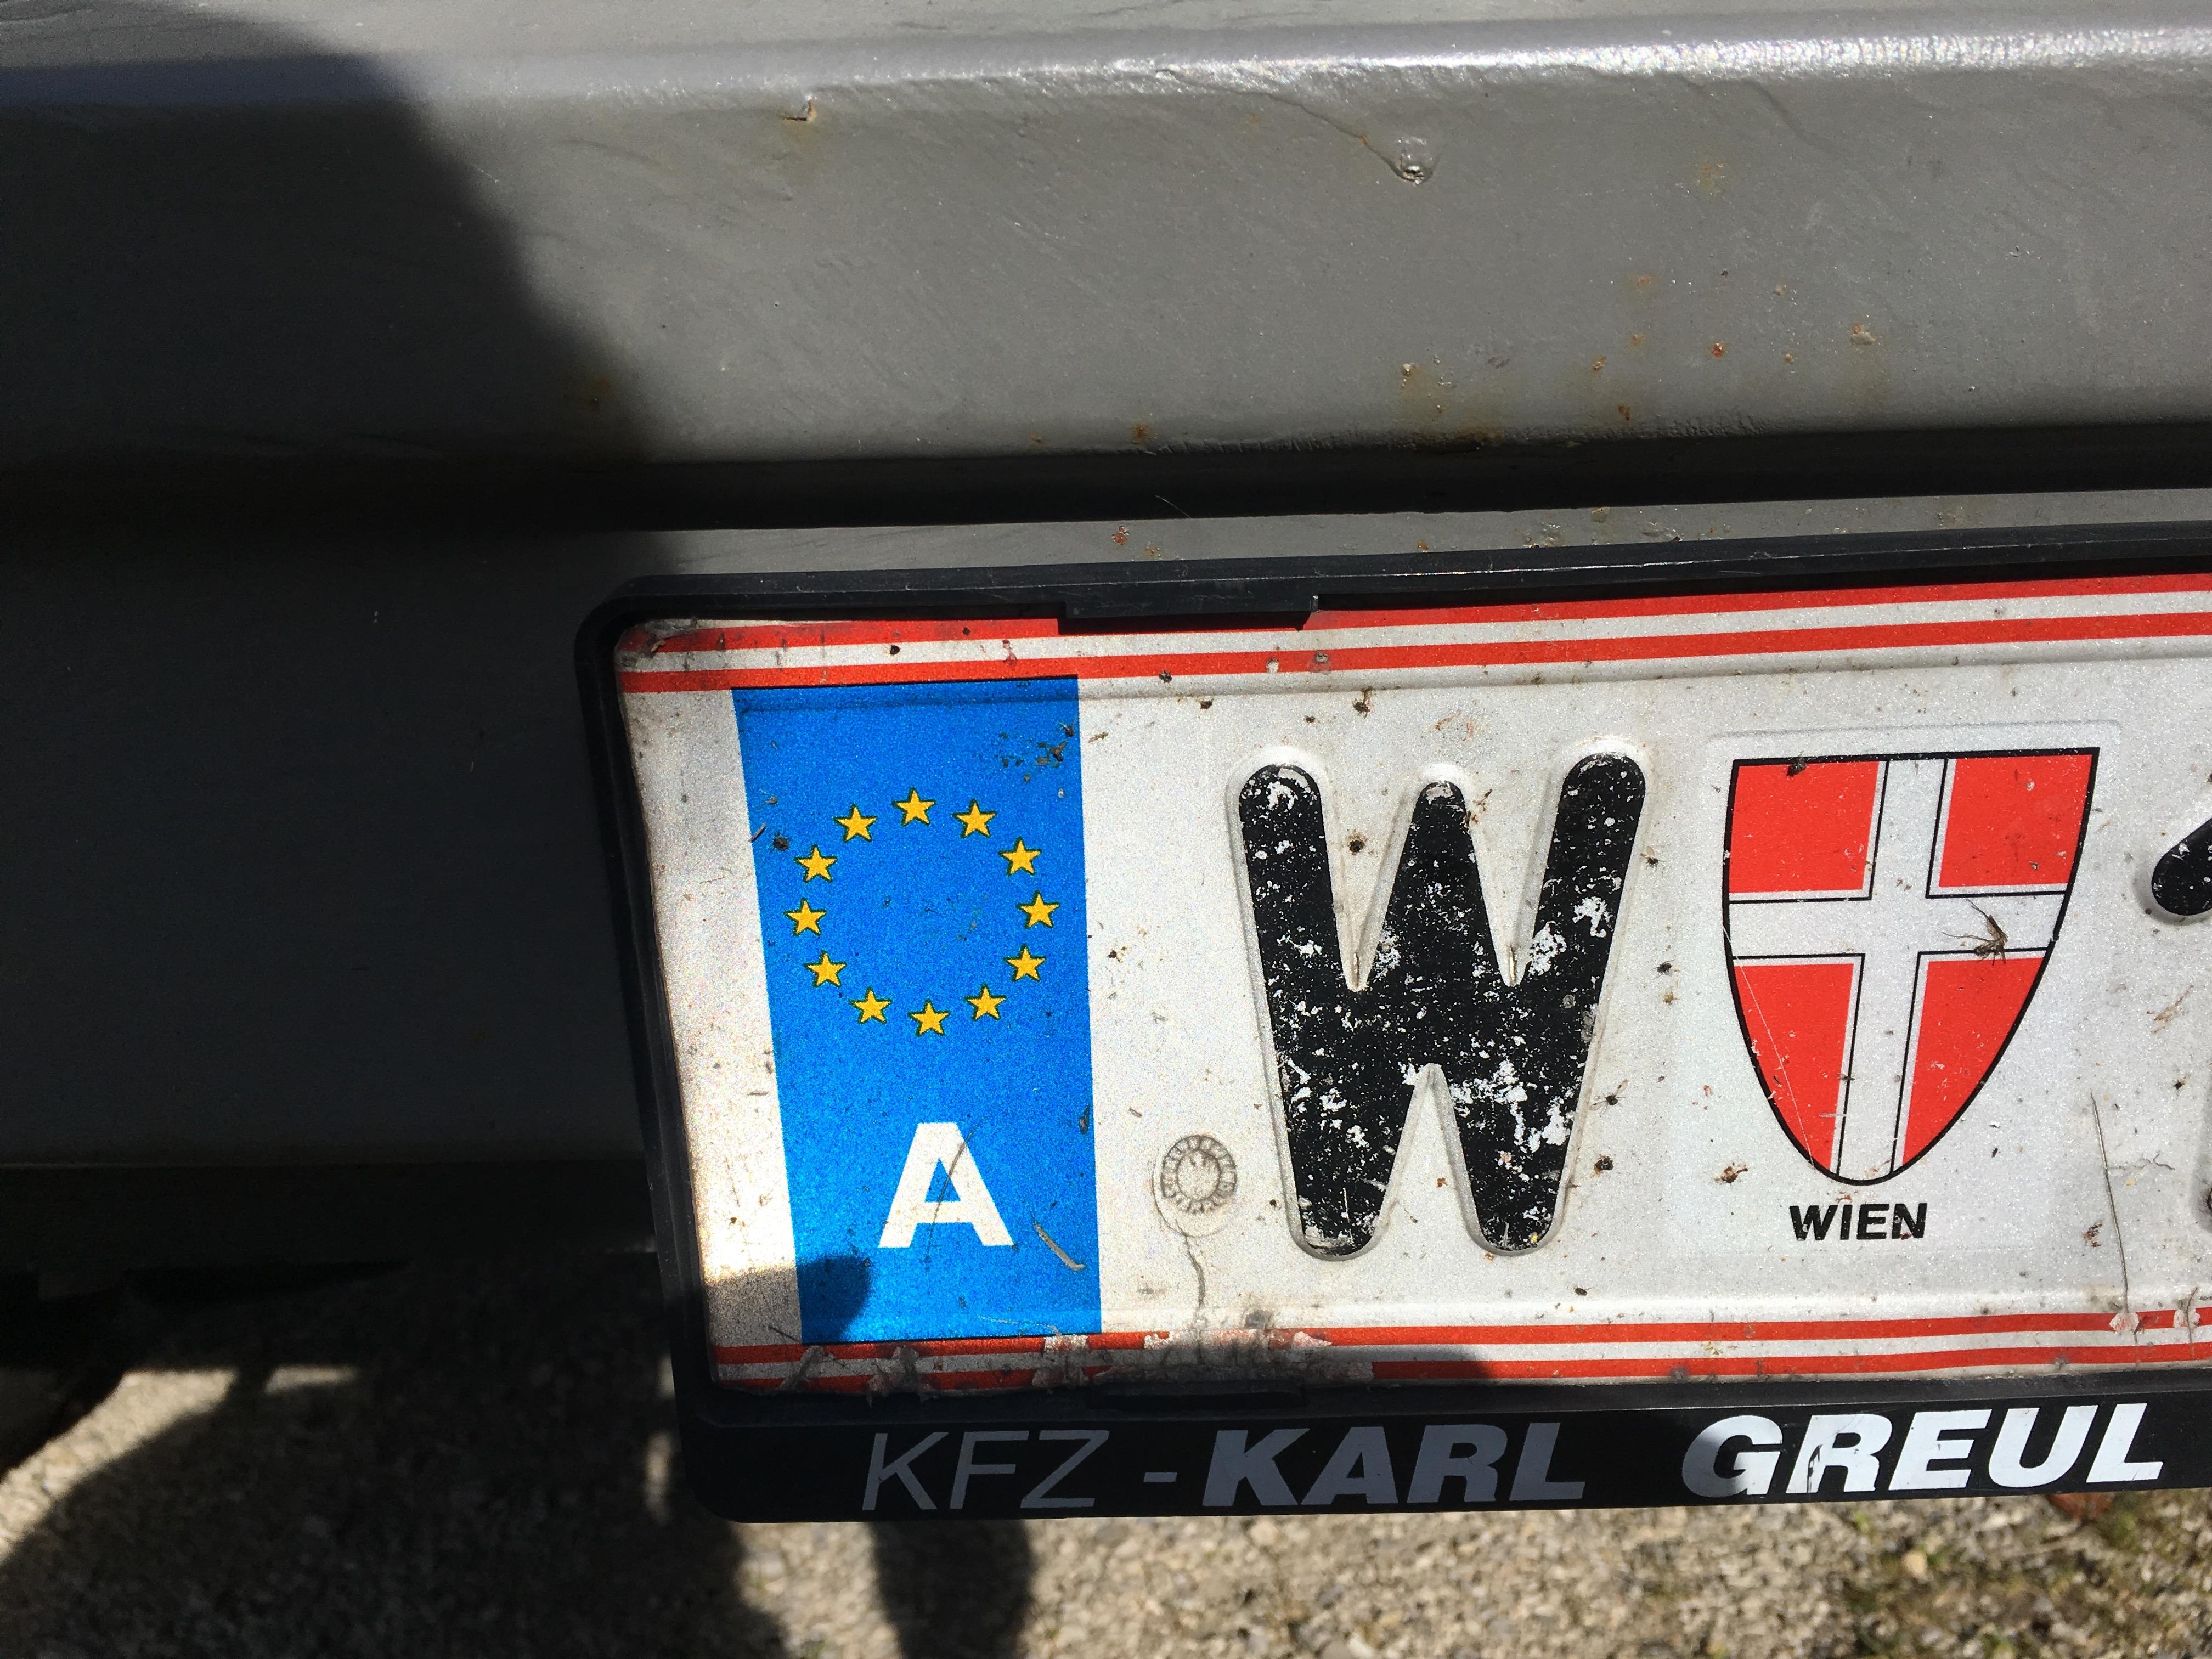 Das Foto zeigt das Kennzeichen von Wien.